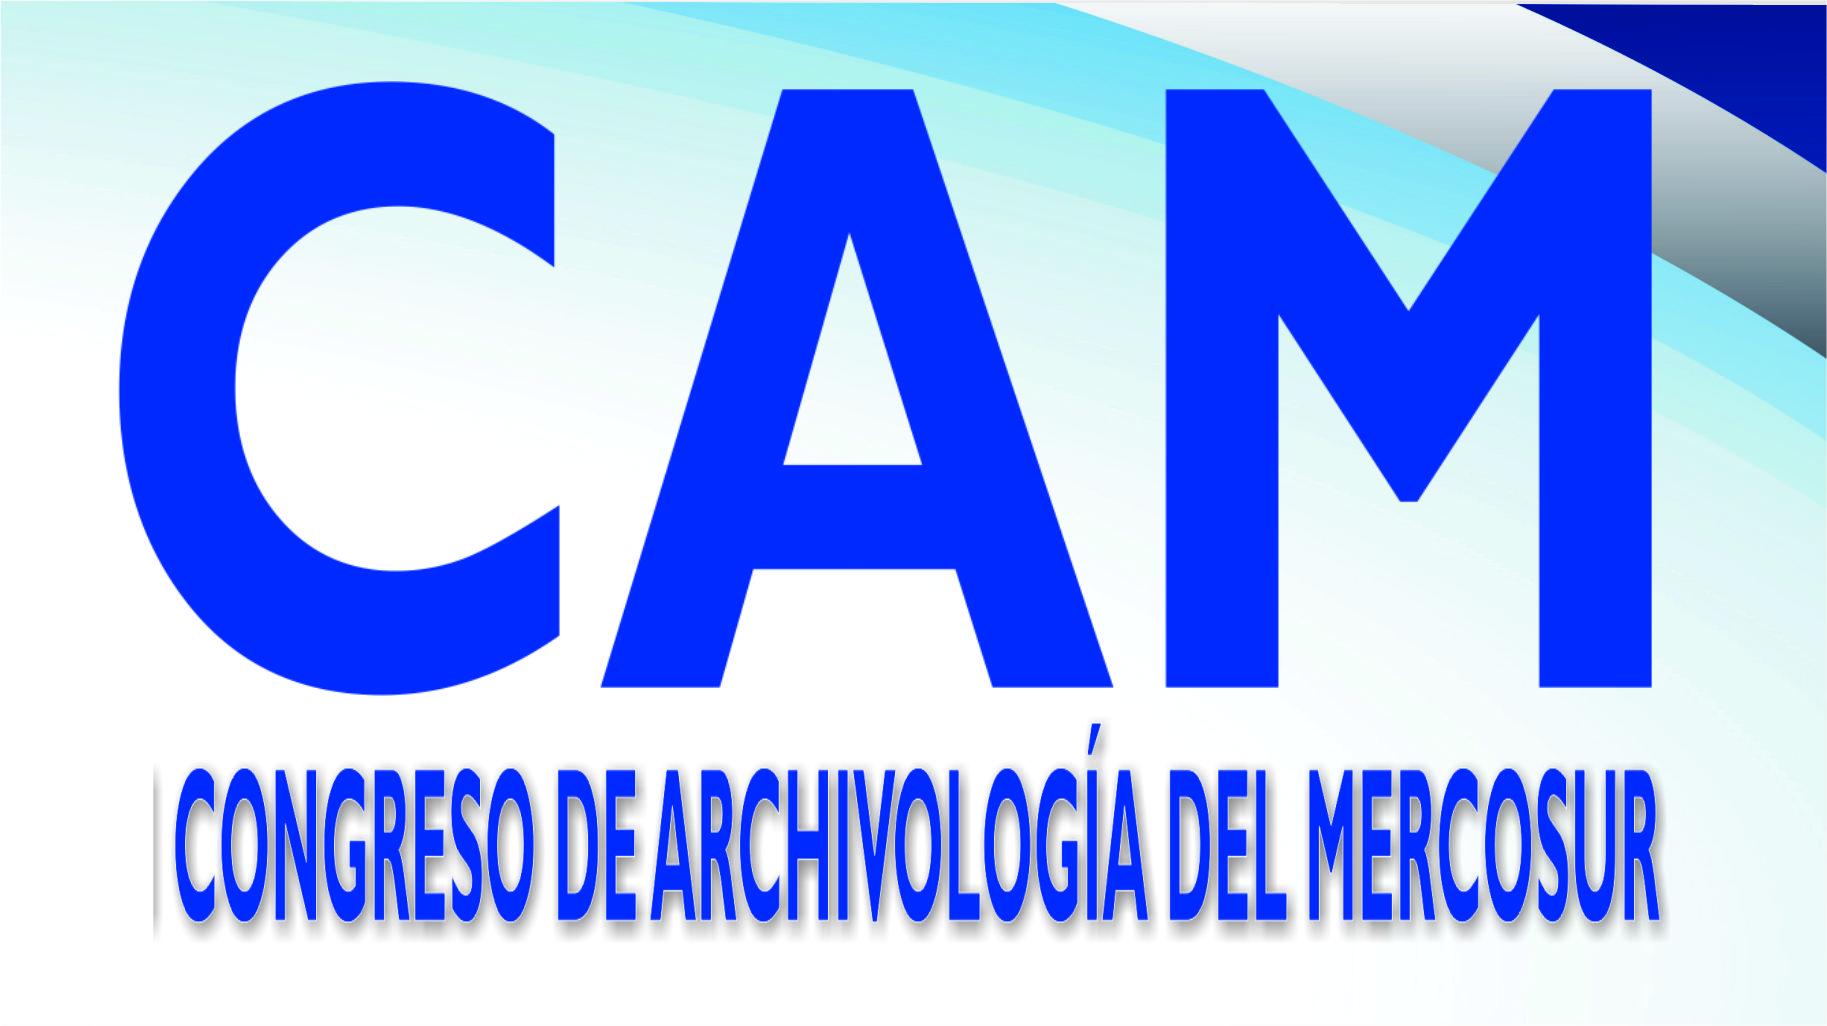 LOGO CONGRESO DE ARCHIVOLOGIA DEL MERCOSUR